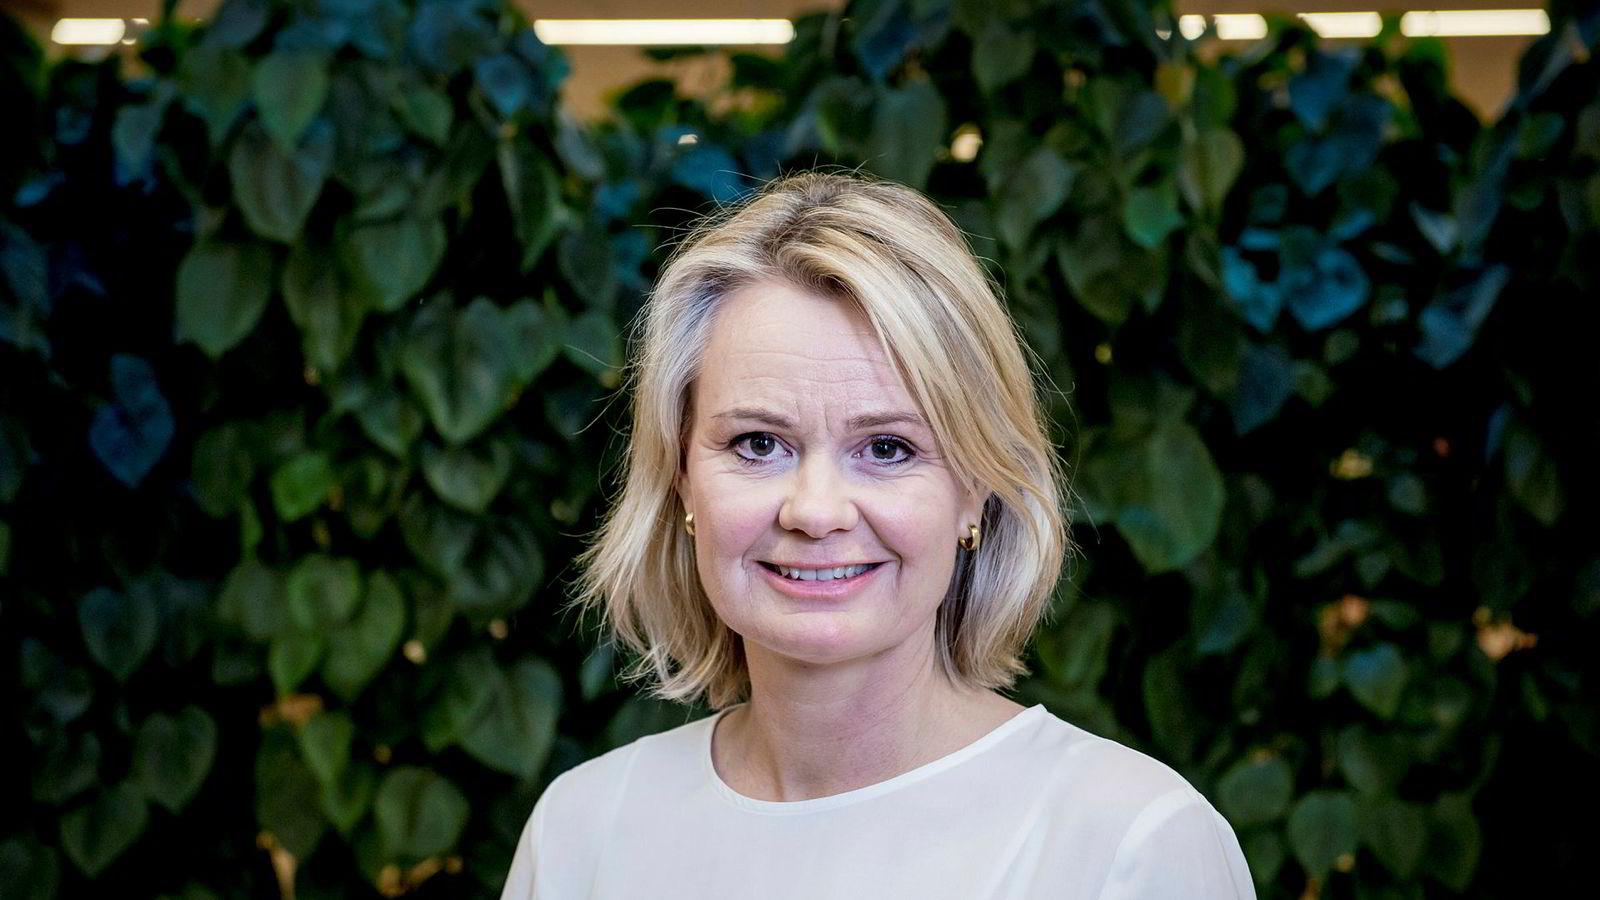 DNB vil fortsette med forbrukslån til unge, men personmarkedssjef Ingjerd Blekeli Spiten sier banken har en streng kredittpolicy.